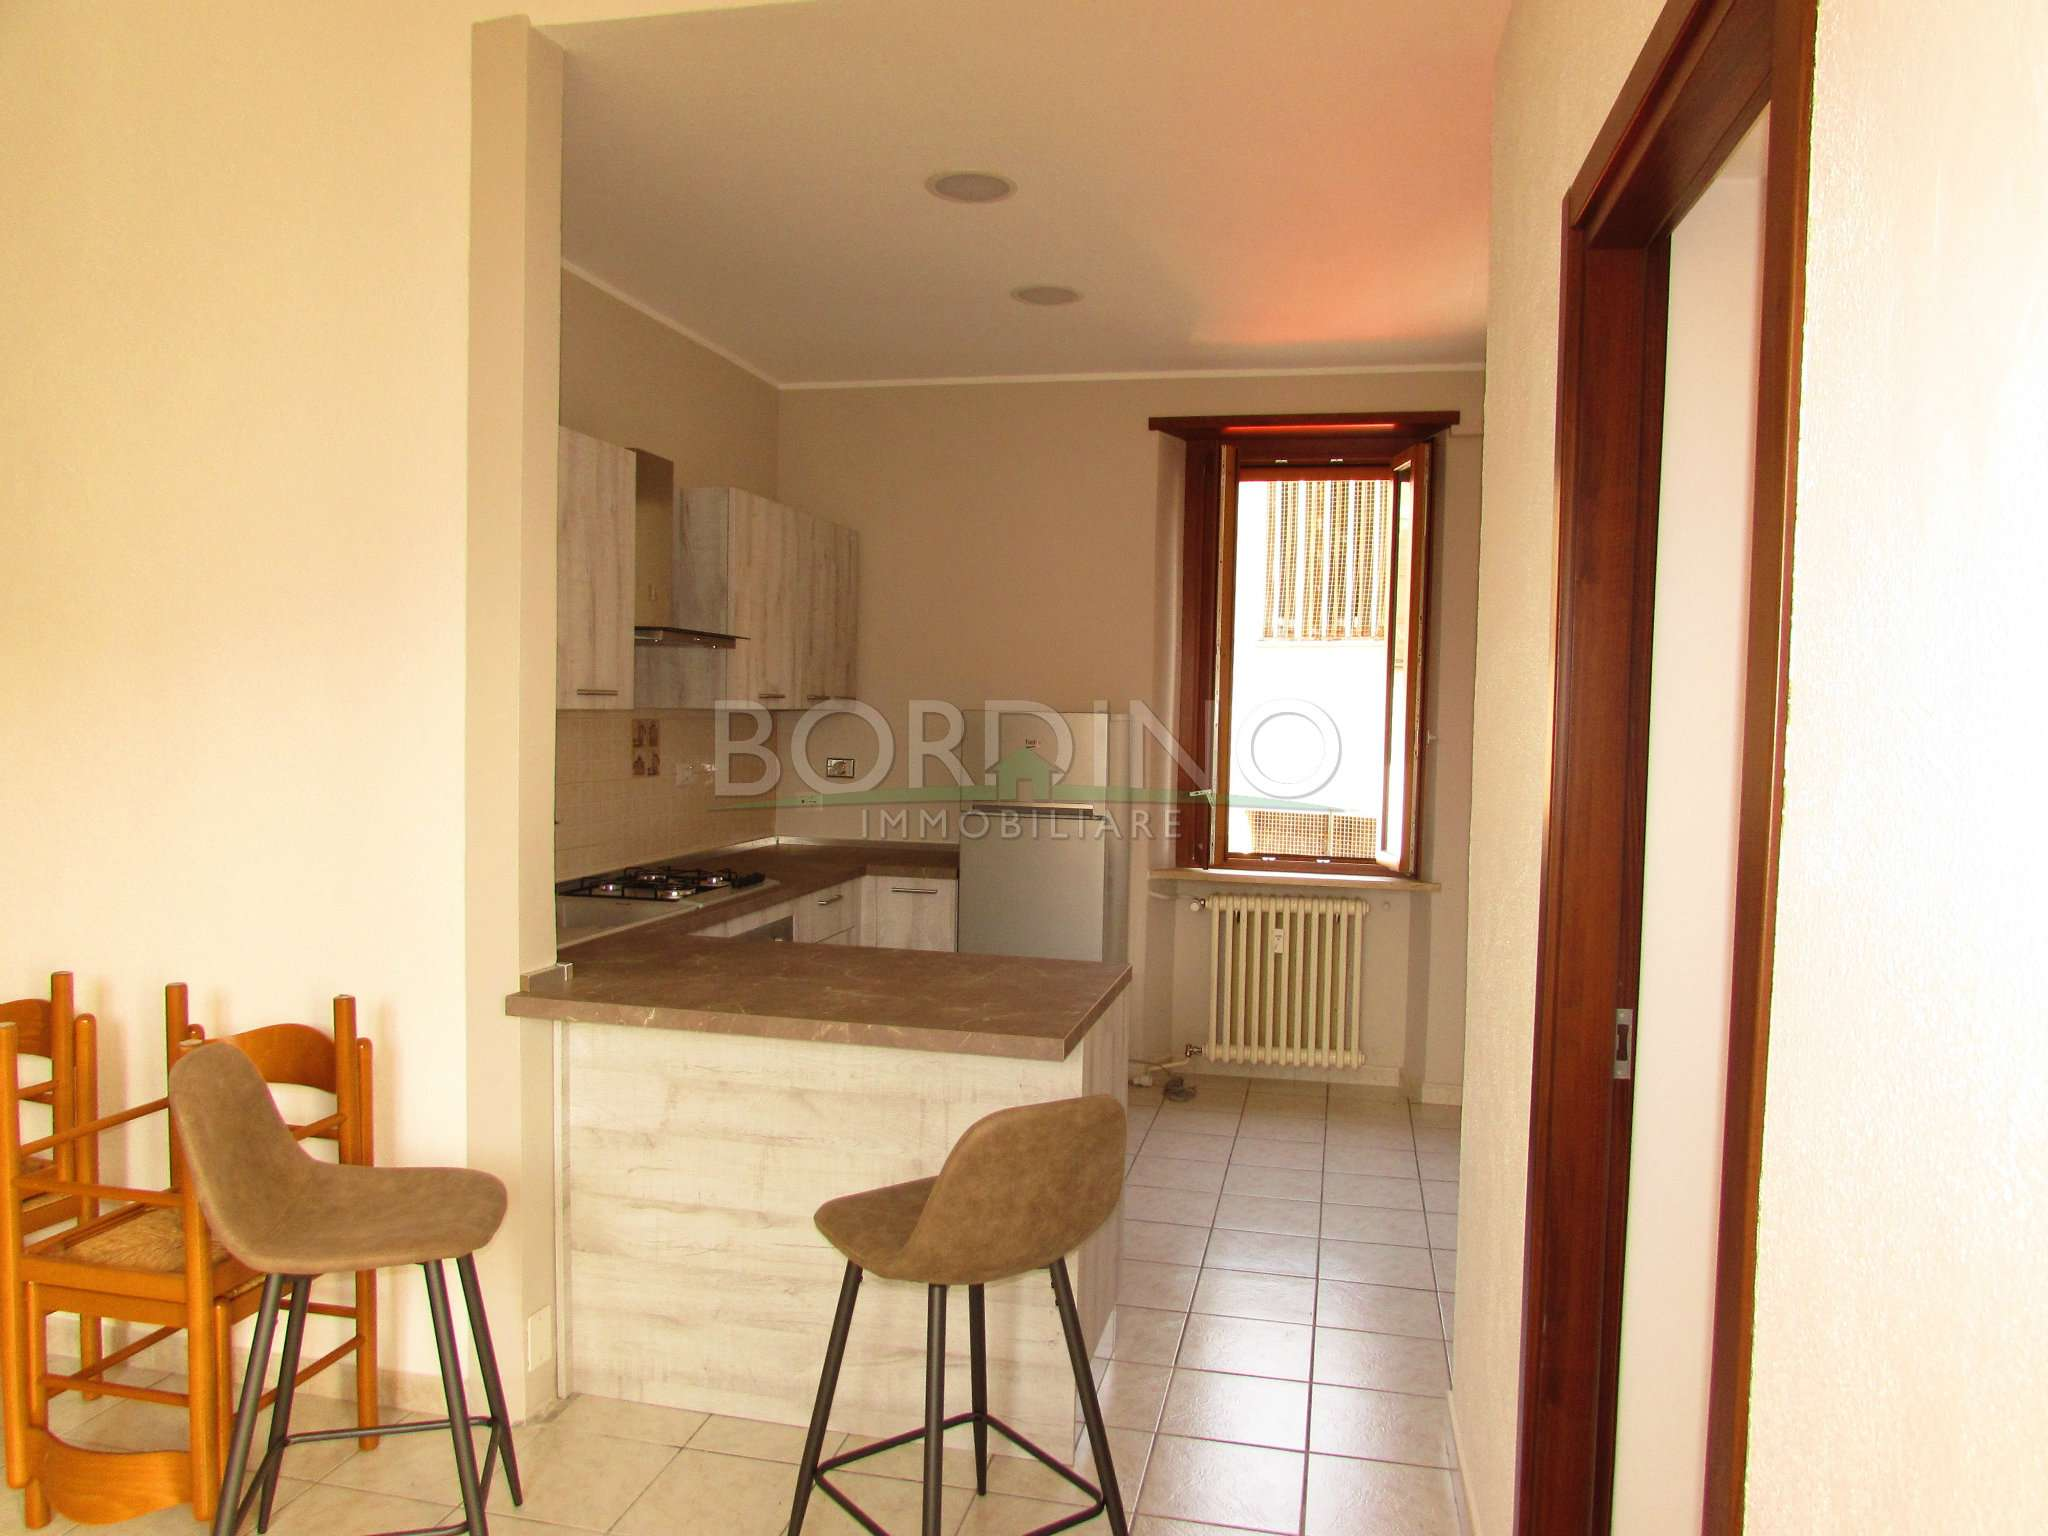 Appartamento in affitto a San Damiano d'Asti, 3 locali, prezzo € 350 | PortaleAgenzieImmobiliari.it